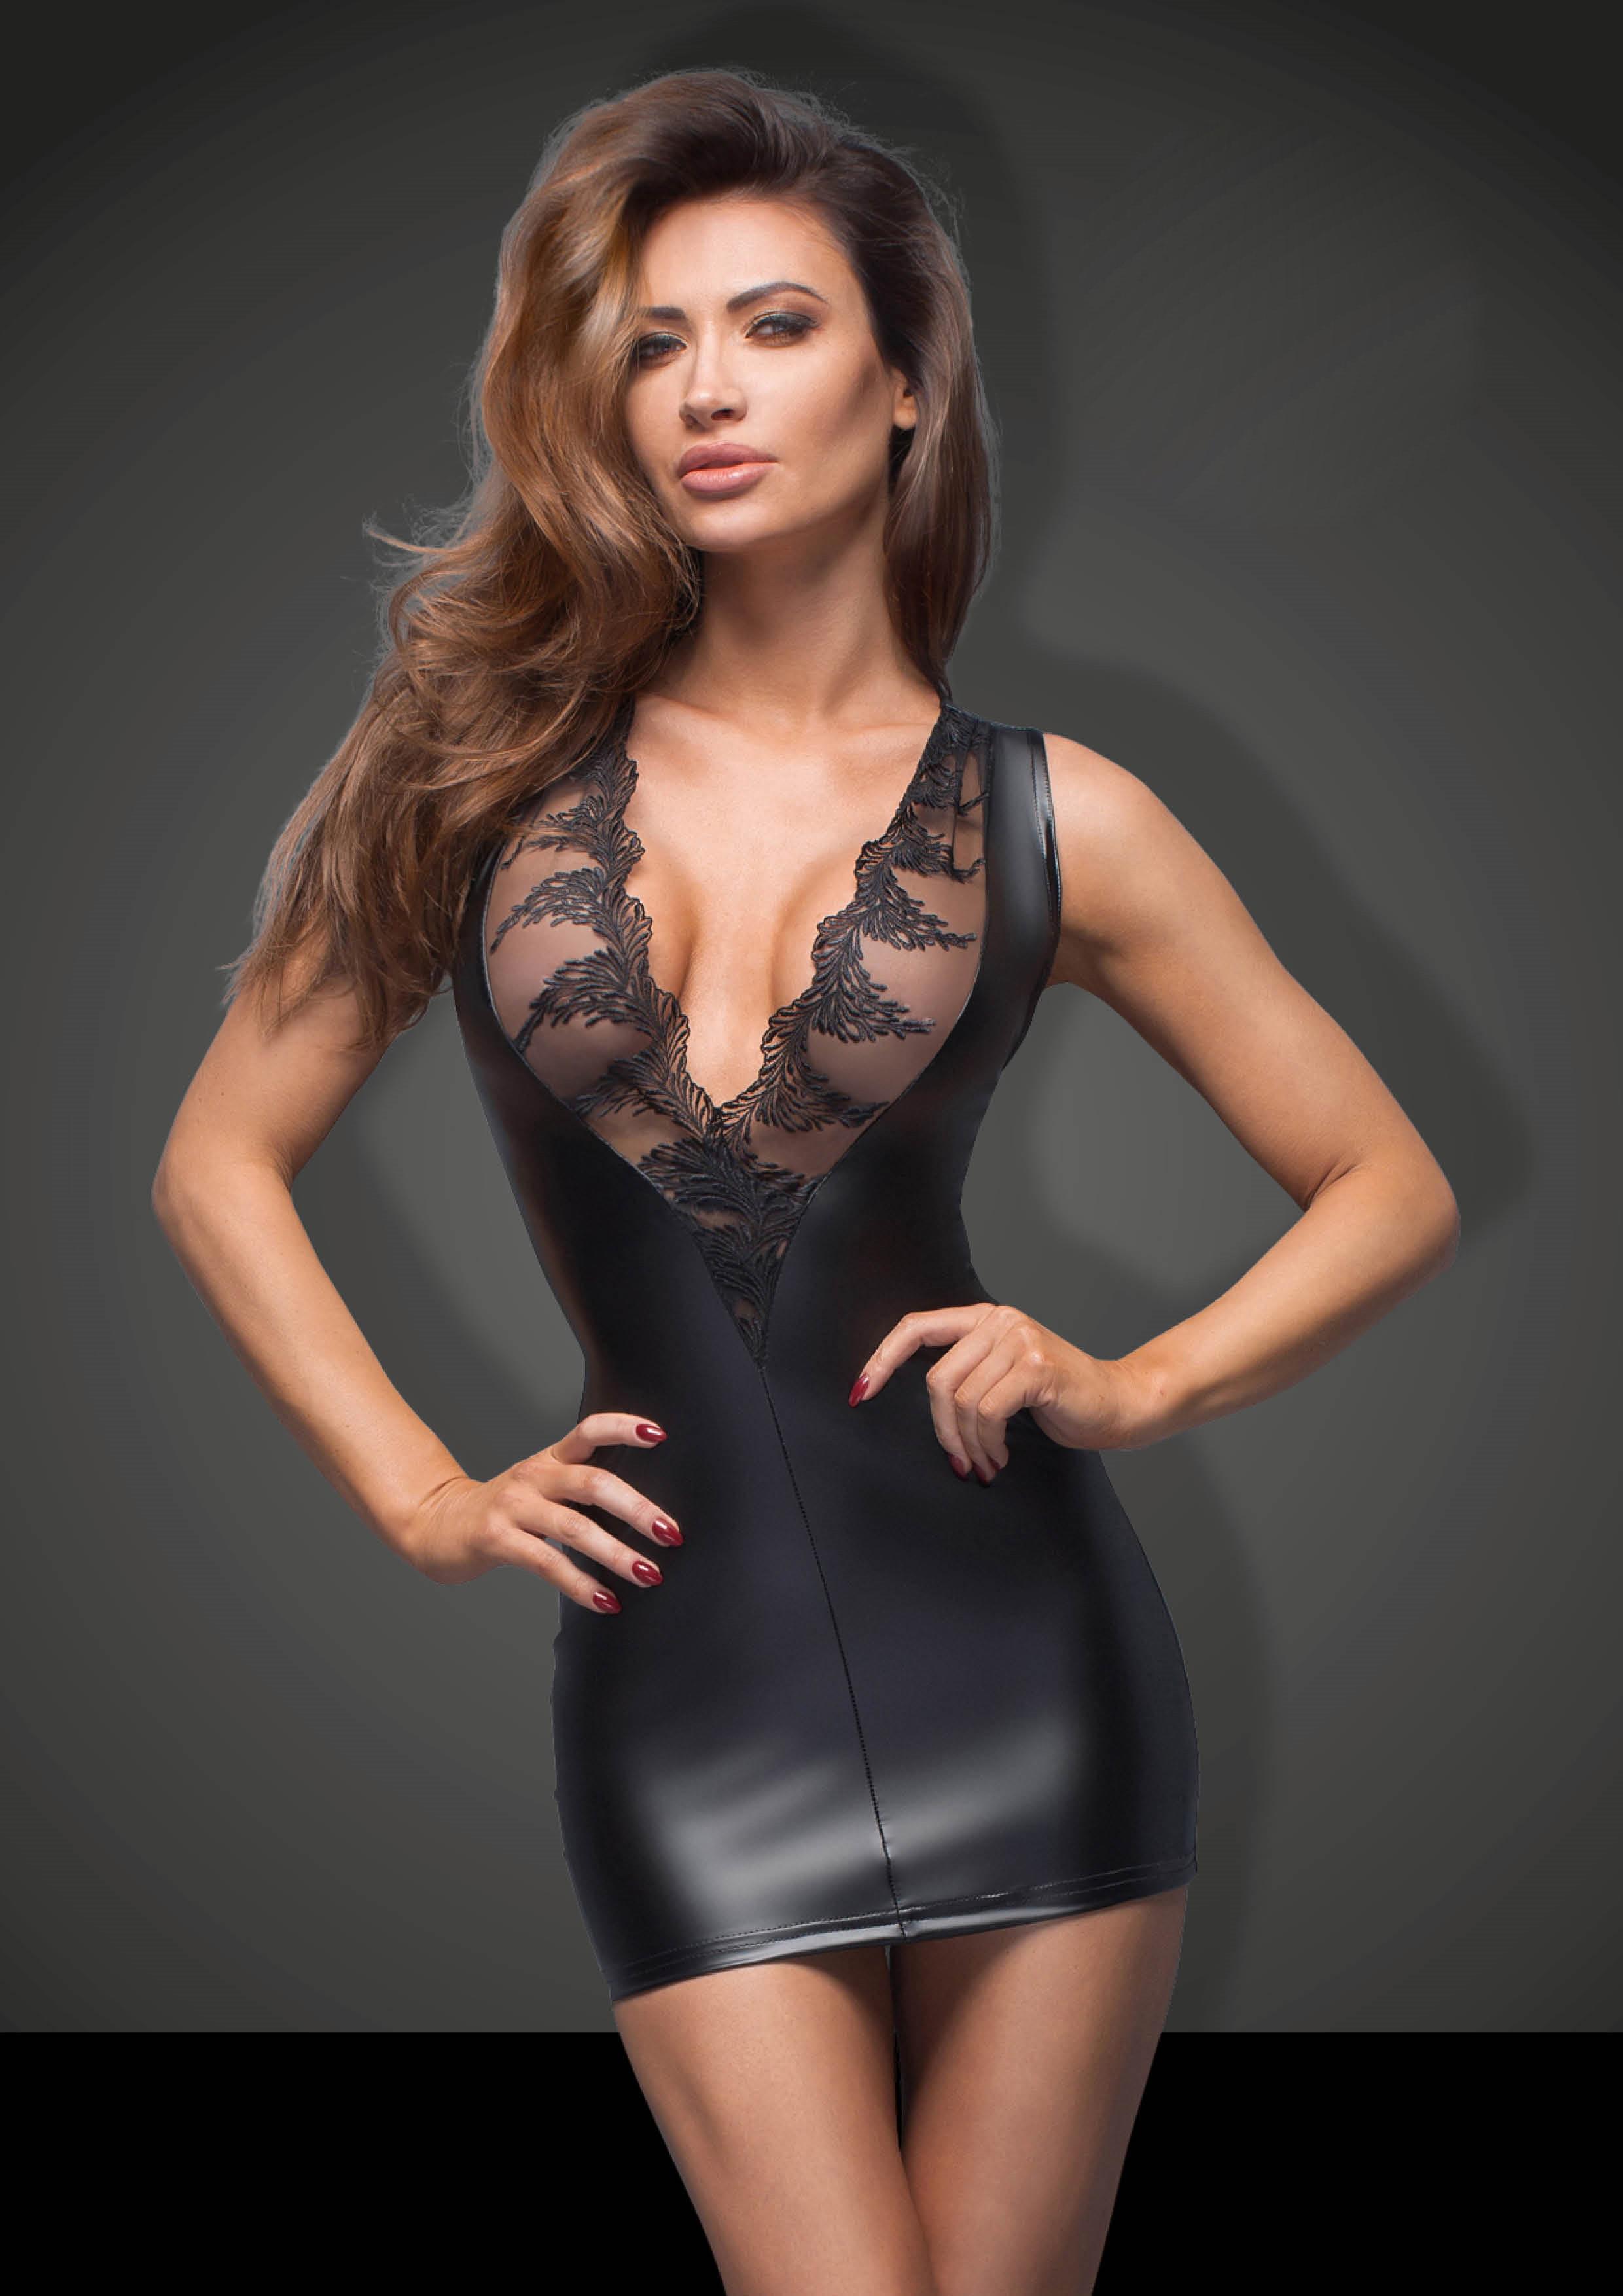 stora sexleksaker sexiga klänningar